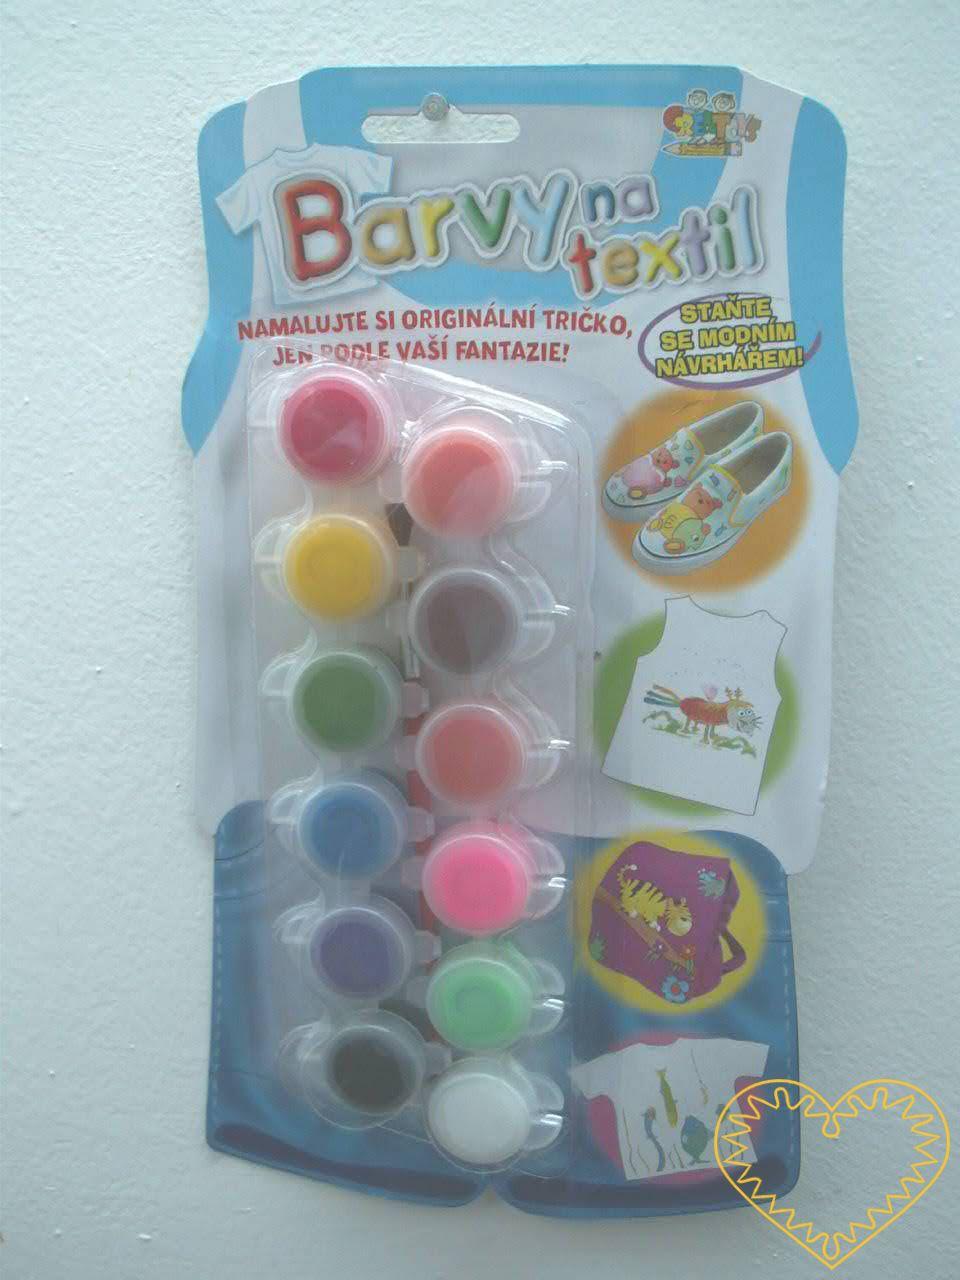 Barvy na textil - sada 12 barevných 3 ml kalíšků a štětec. Tyto barvy jsou určené zvláště pro malování na světlé podklady - trička, boty, tašky apod. Barvy lze vzájemně míchat, lze je prát na 30°C.